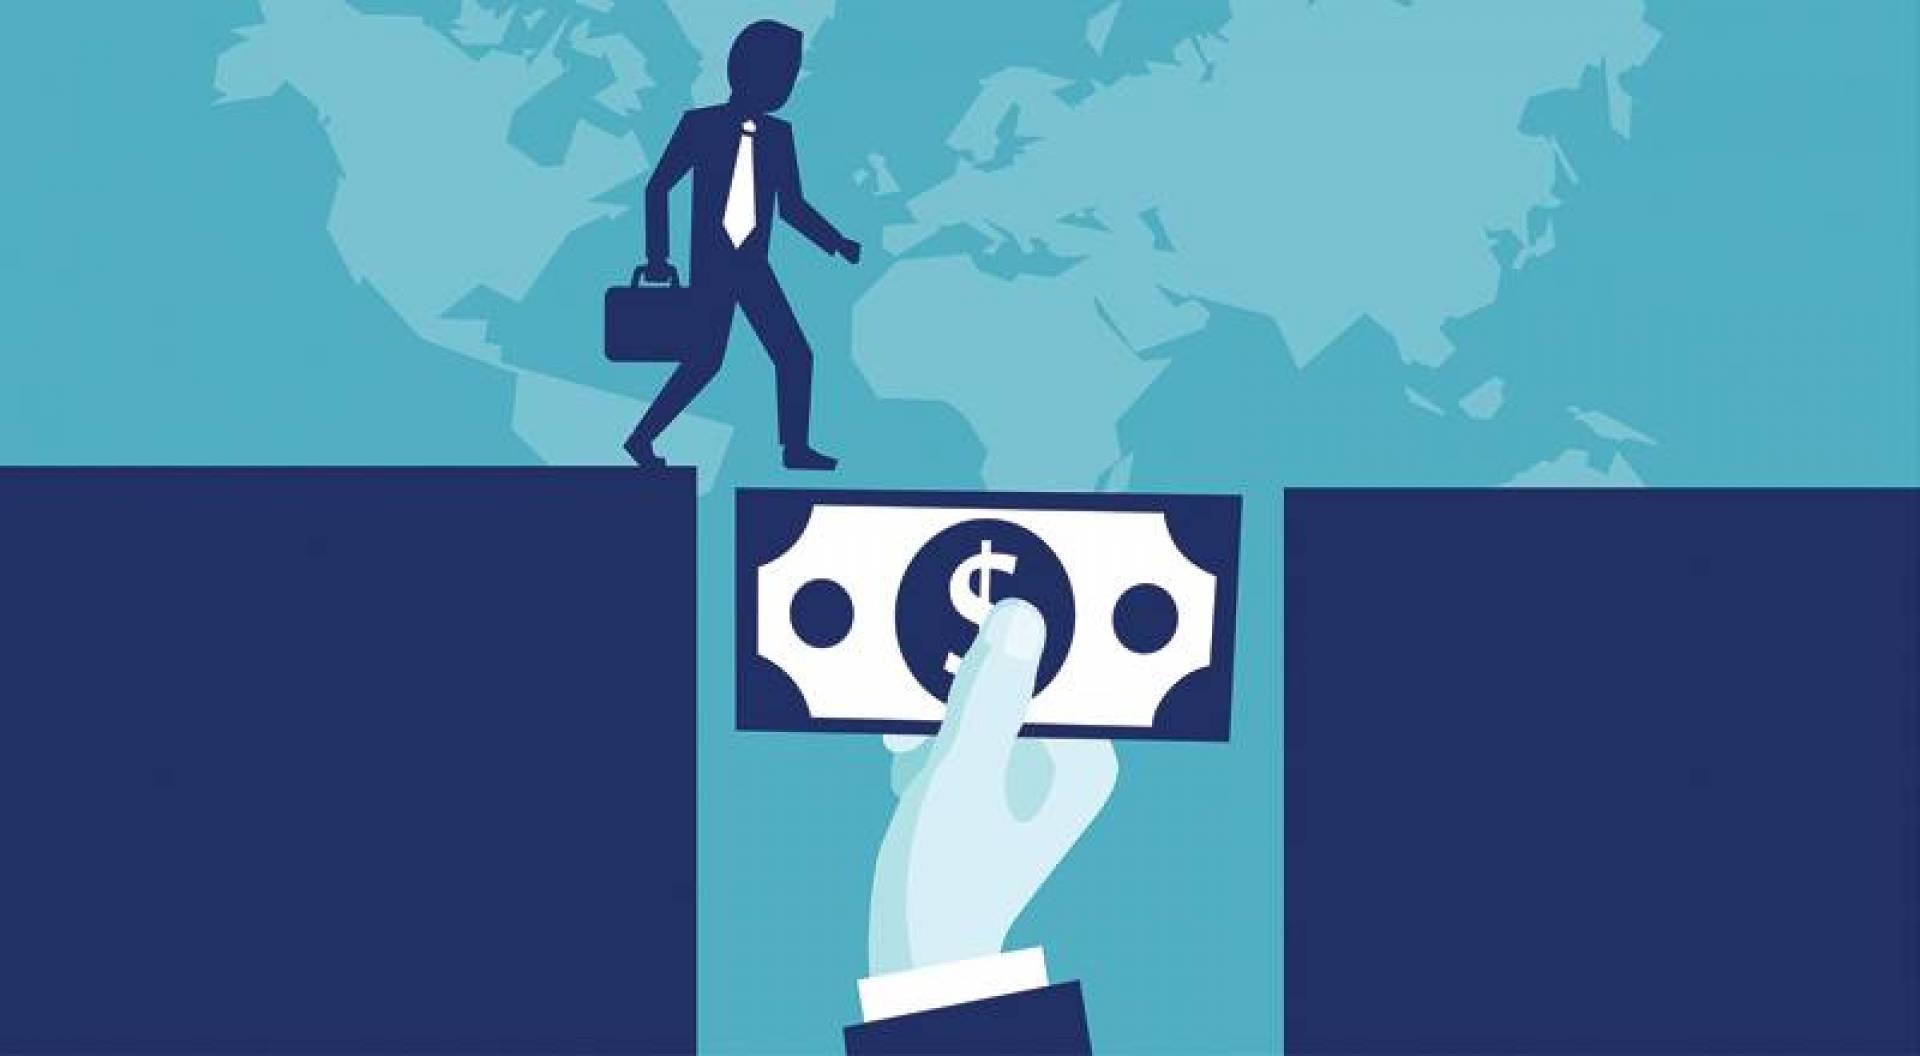 نائب رئيس شركة «بلاك روك»: القروض قلّصت مخاطر الإفلاس